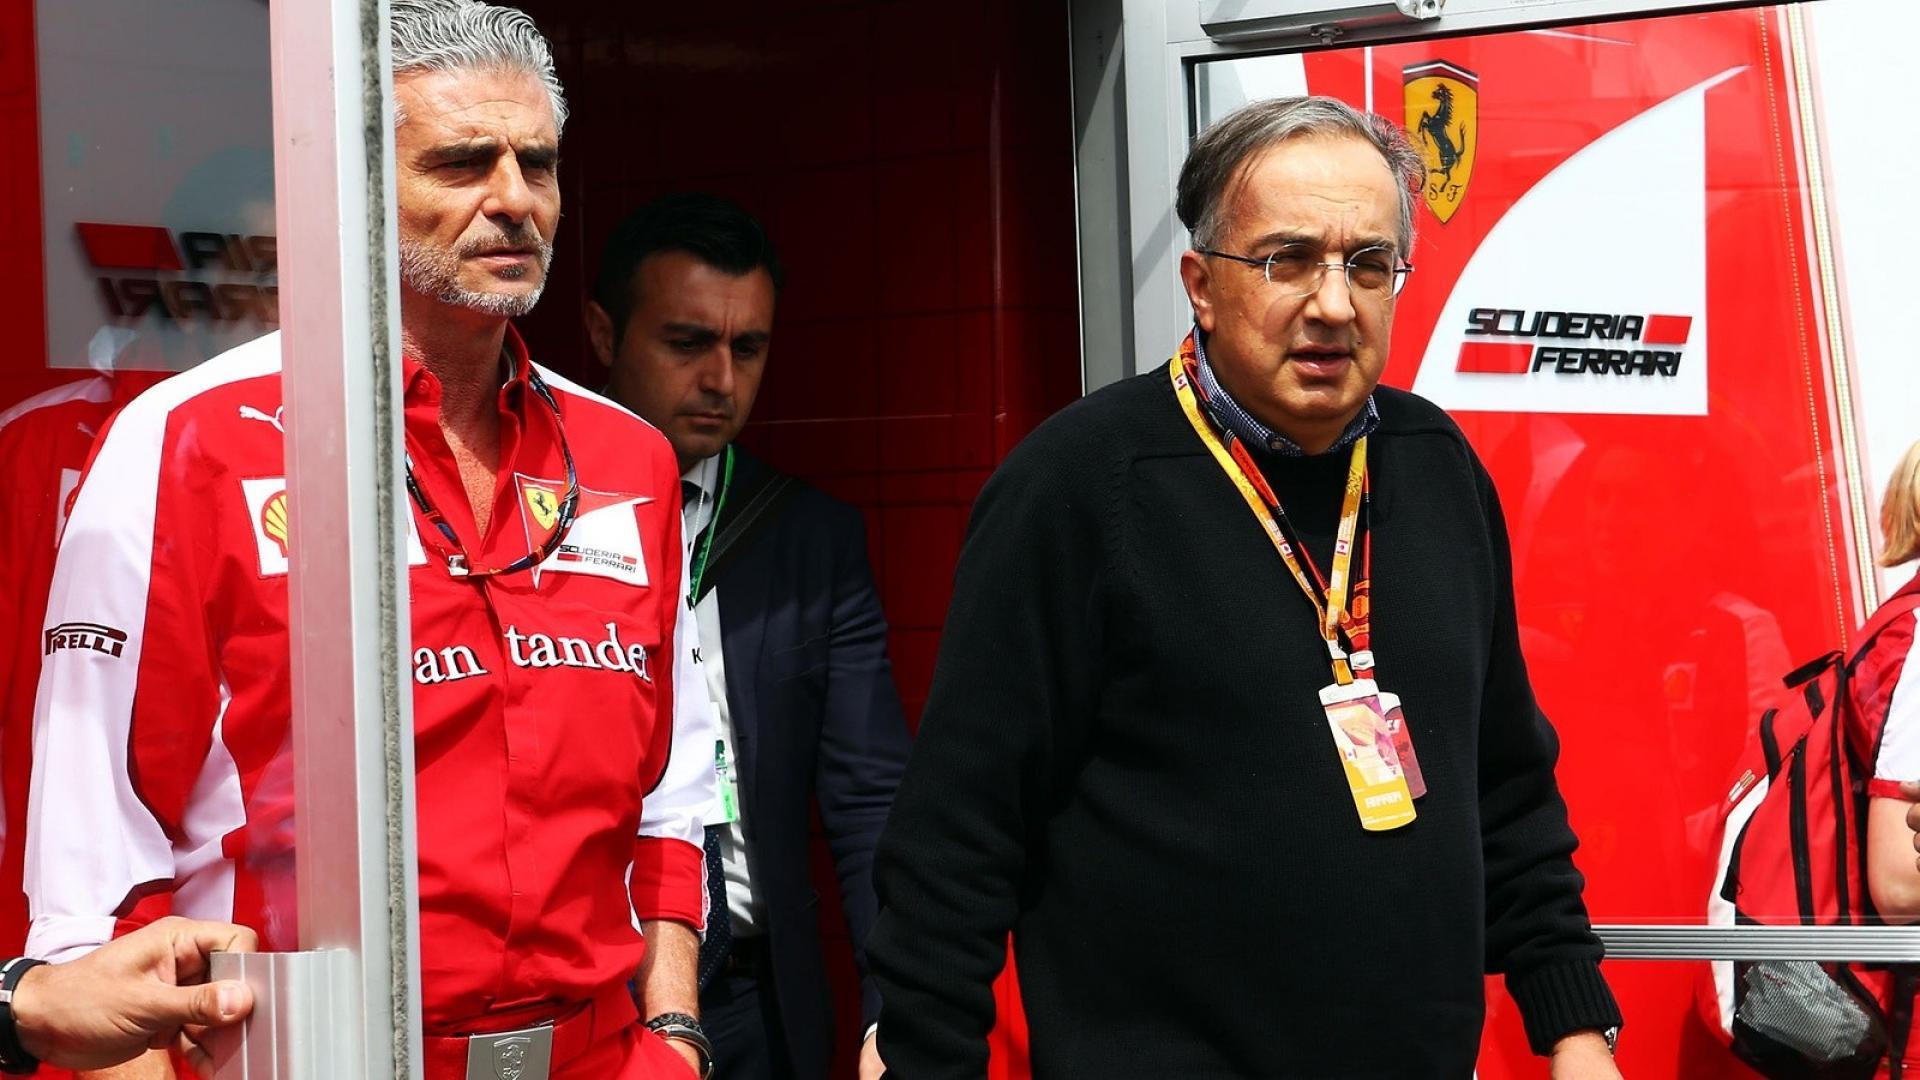 Ferrari subito aggressiva in ottica 2018